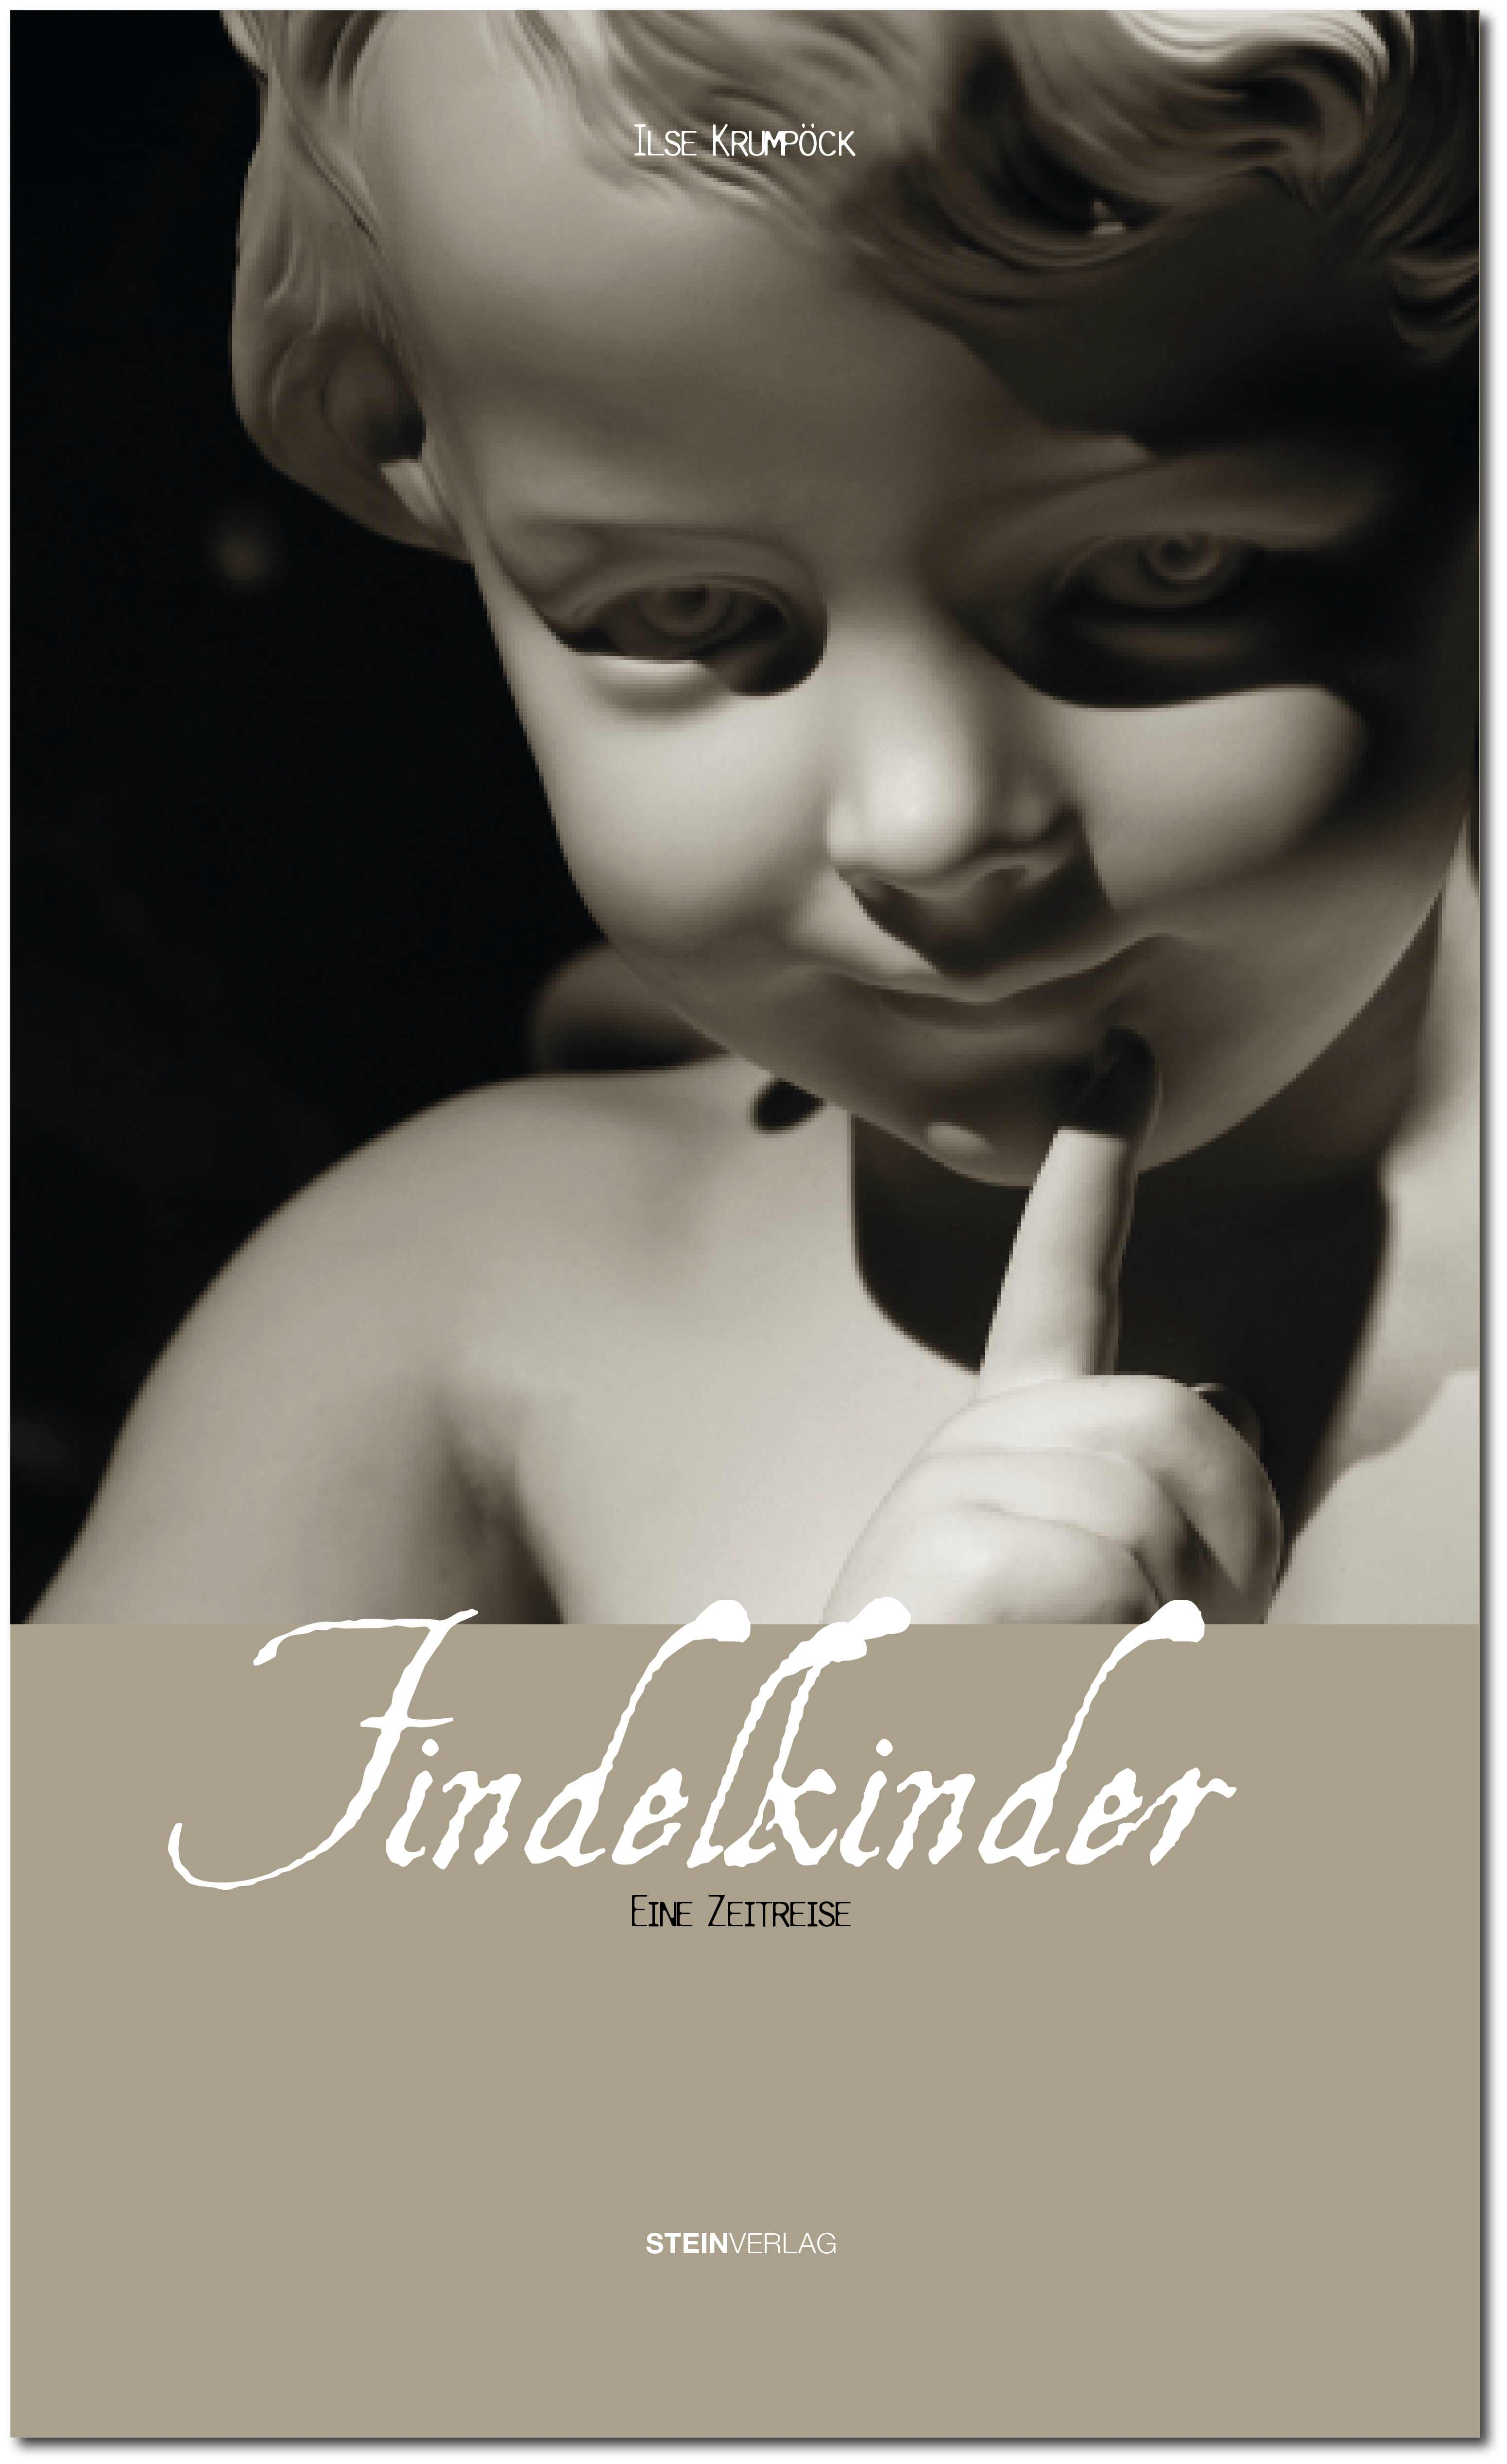 Findelkinder - Eine Zeitreise COVER